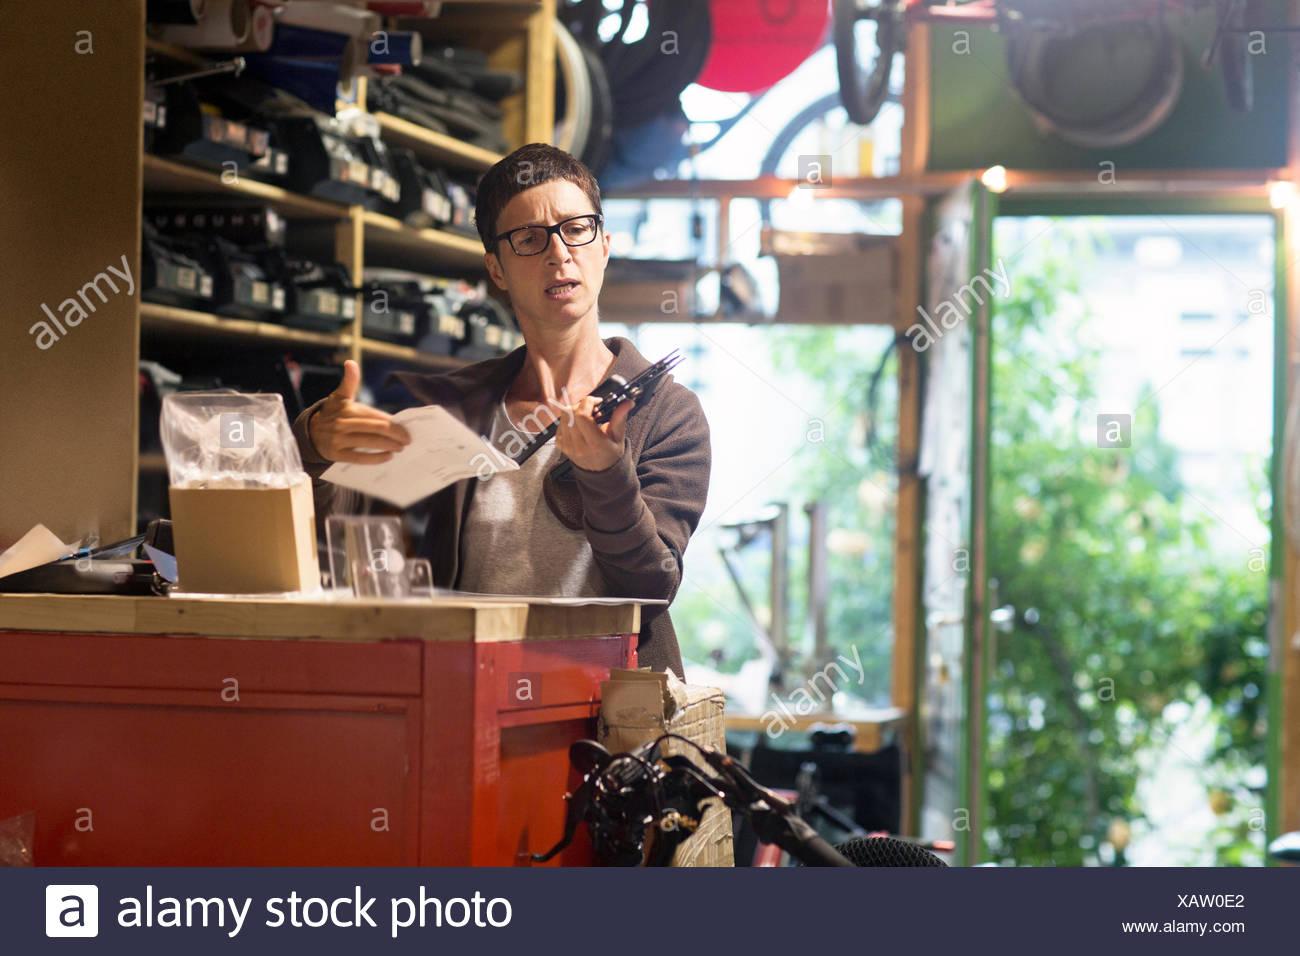 Frau am Schalter im Fahrradwerkstatt holding Fahrrad Teil und Papierkram Stockbild